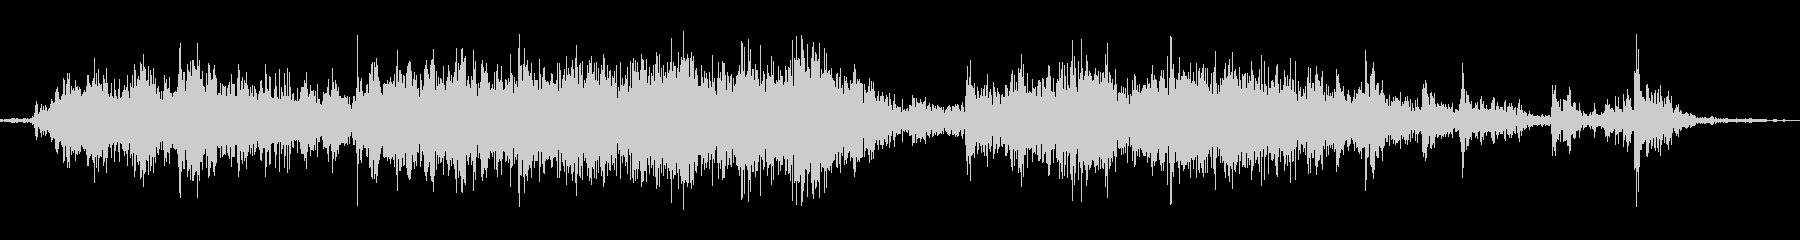 ガラガラ(くじ引きの音の未再生の波形